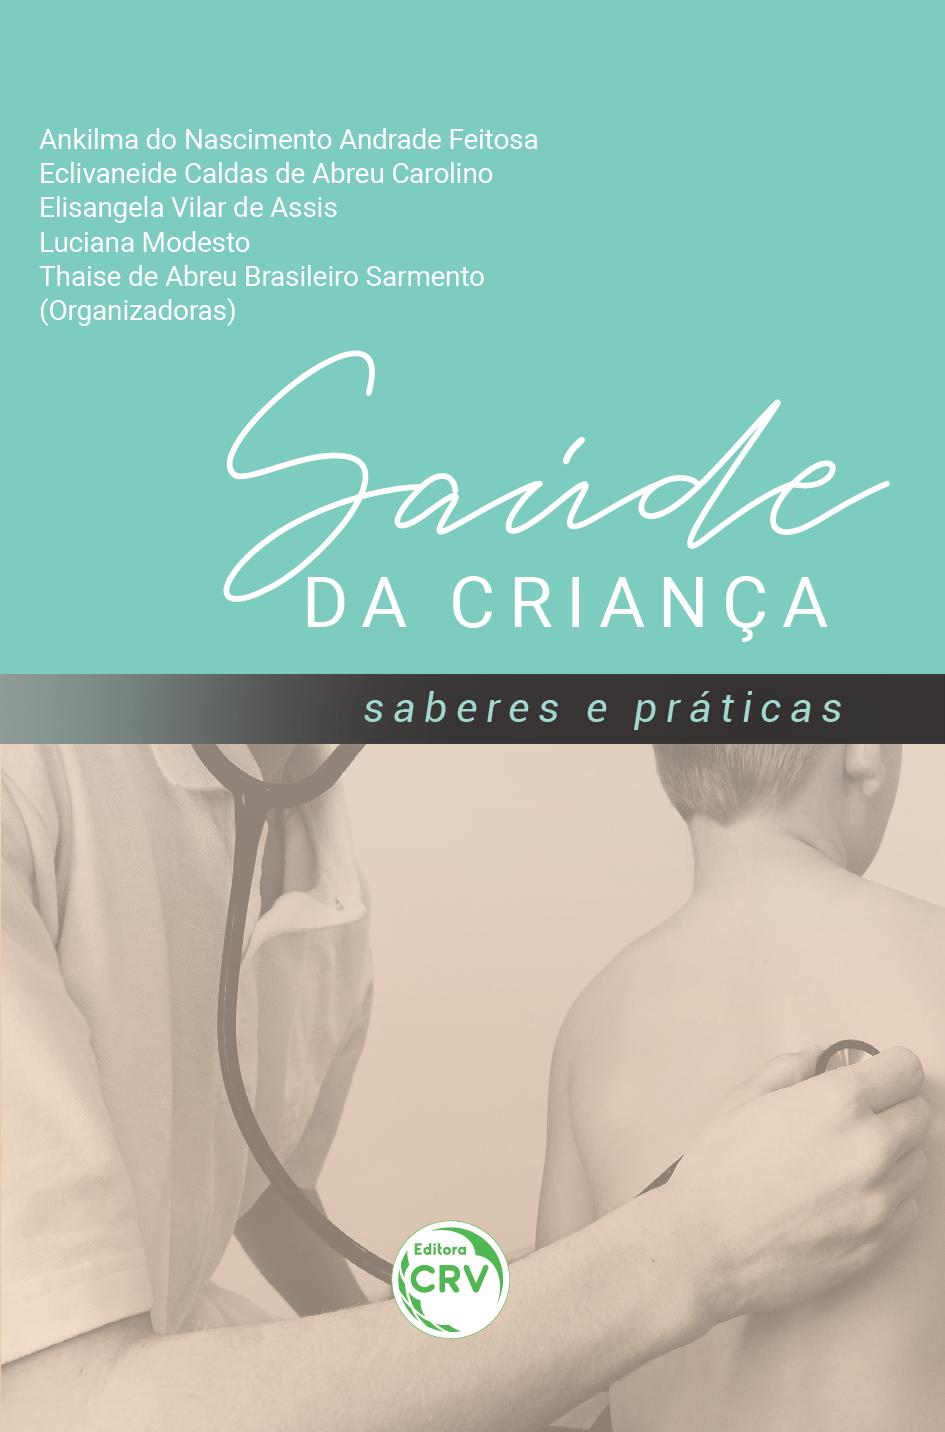 Capa do livro: SAÚDE DA CRIANÇA:  <br>saberes e práticas